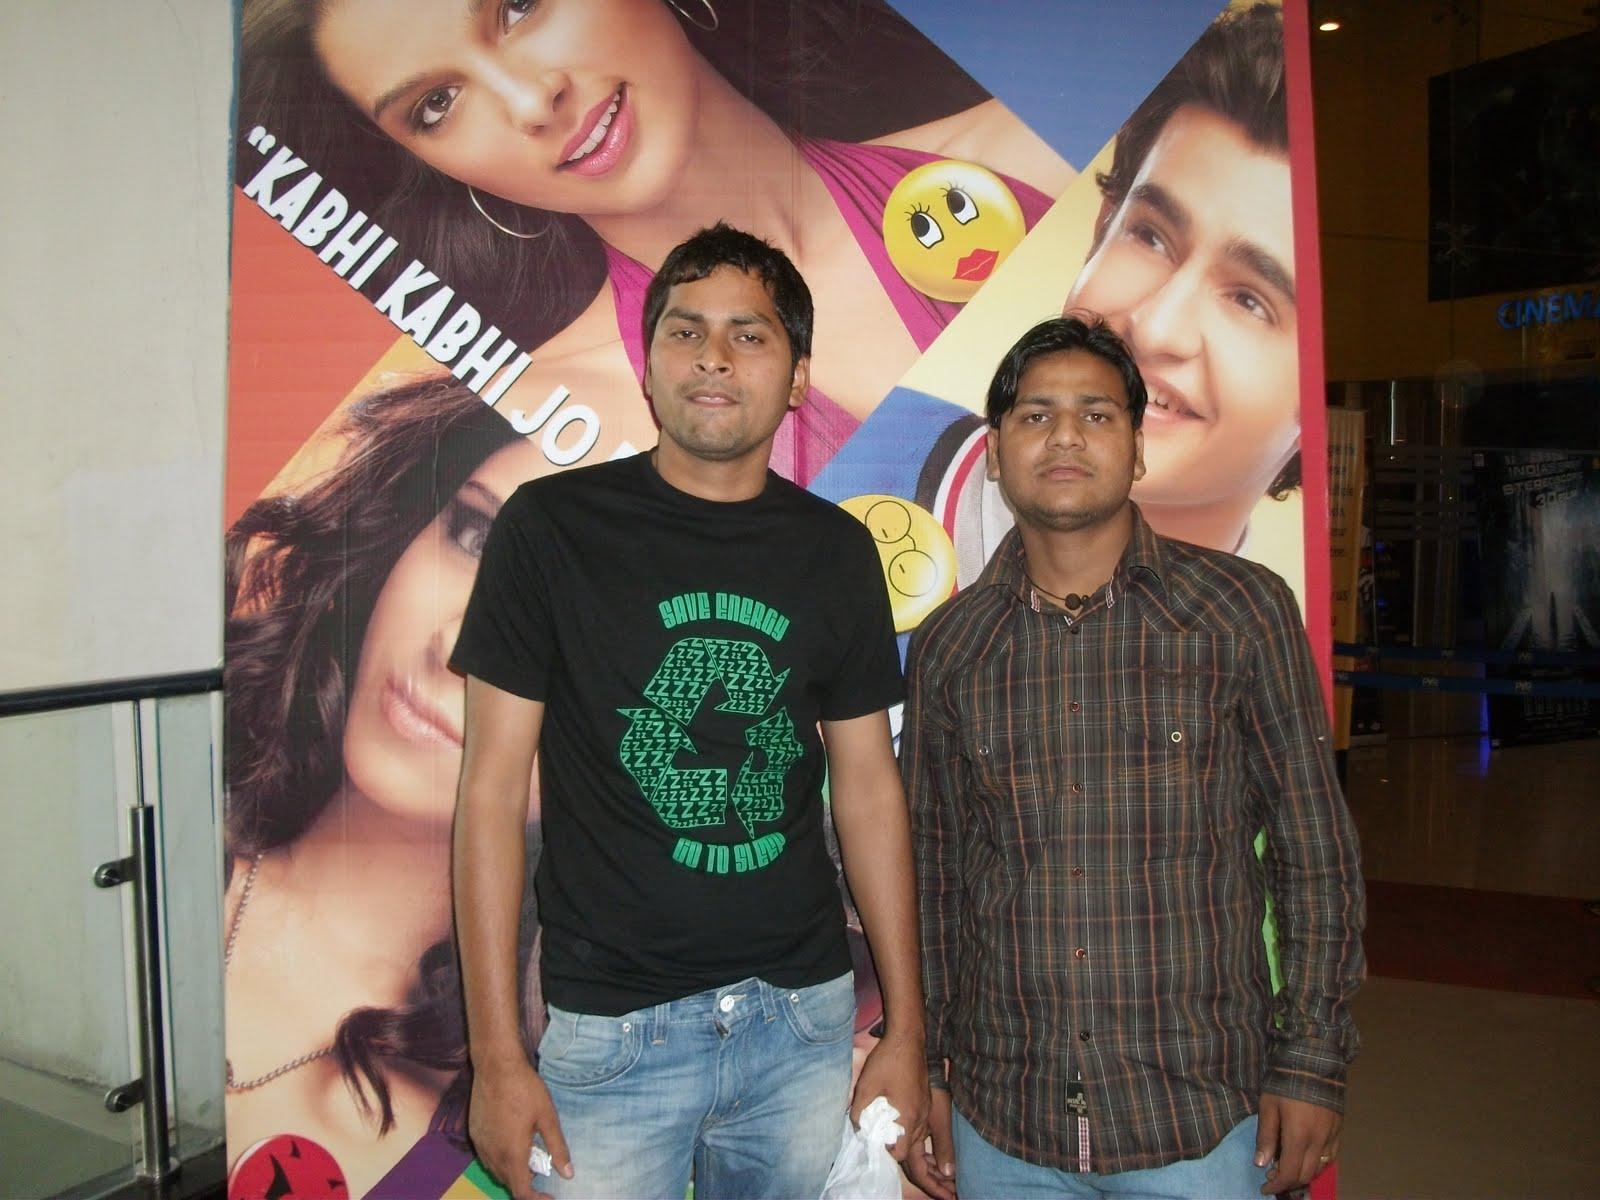 http://1.bp.blogspot.com/-uEF_9Lq6vo0/TjK8C5NMApI/AAAAAAAAAOA/glh96AP7TDQ/s1600/Deepak+Kumar.JPG